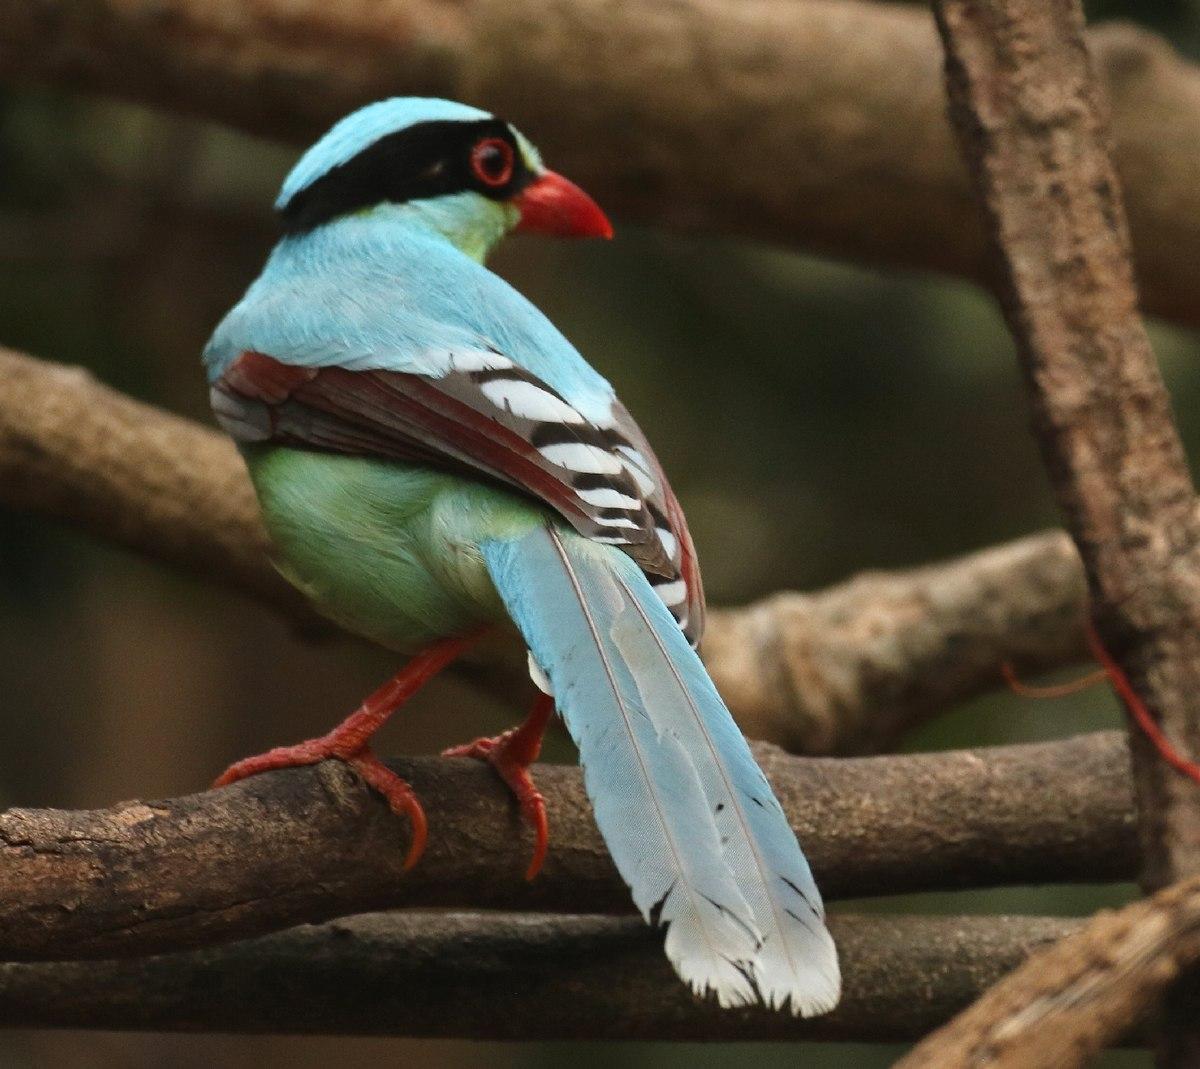 Common green magpie - Wikipedia